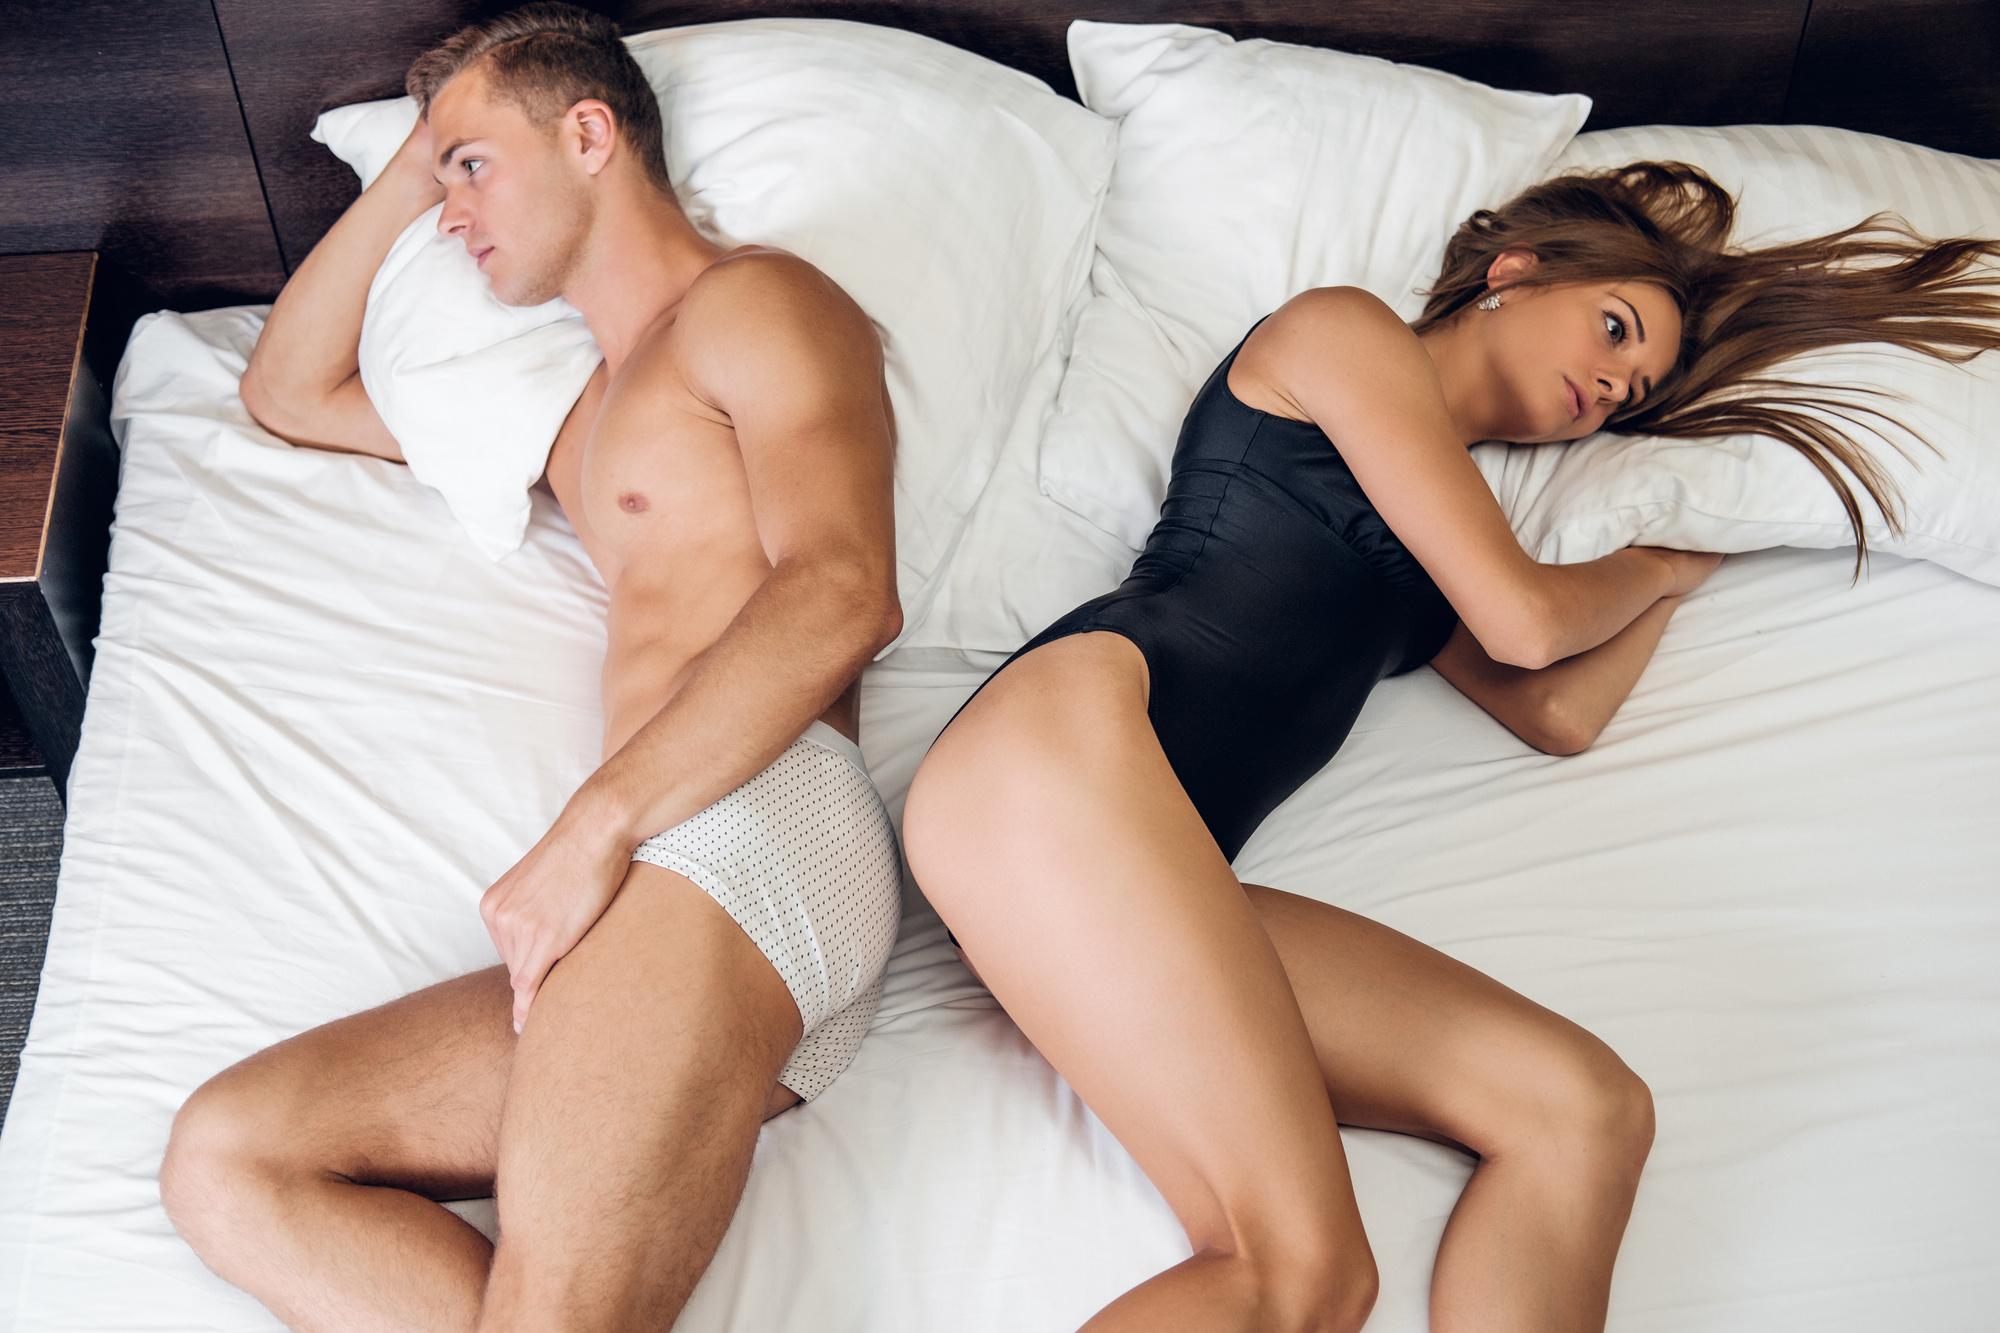 Видео порно у девушки первый секс в троем